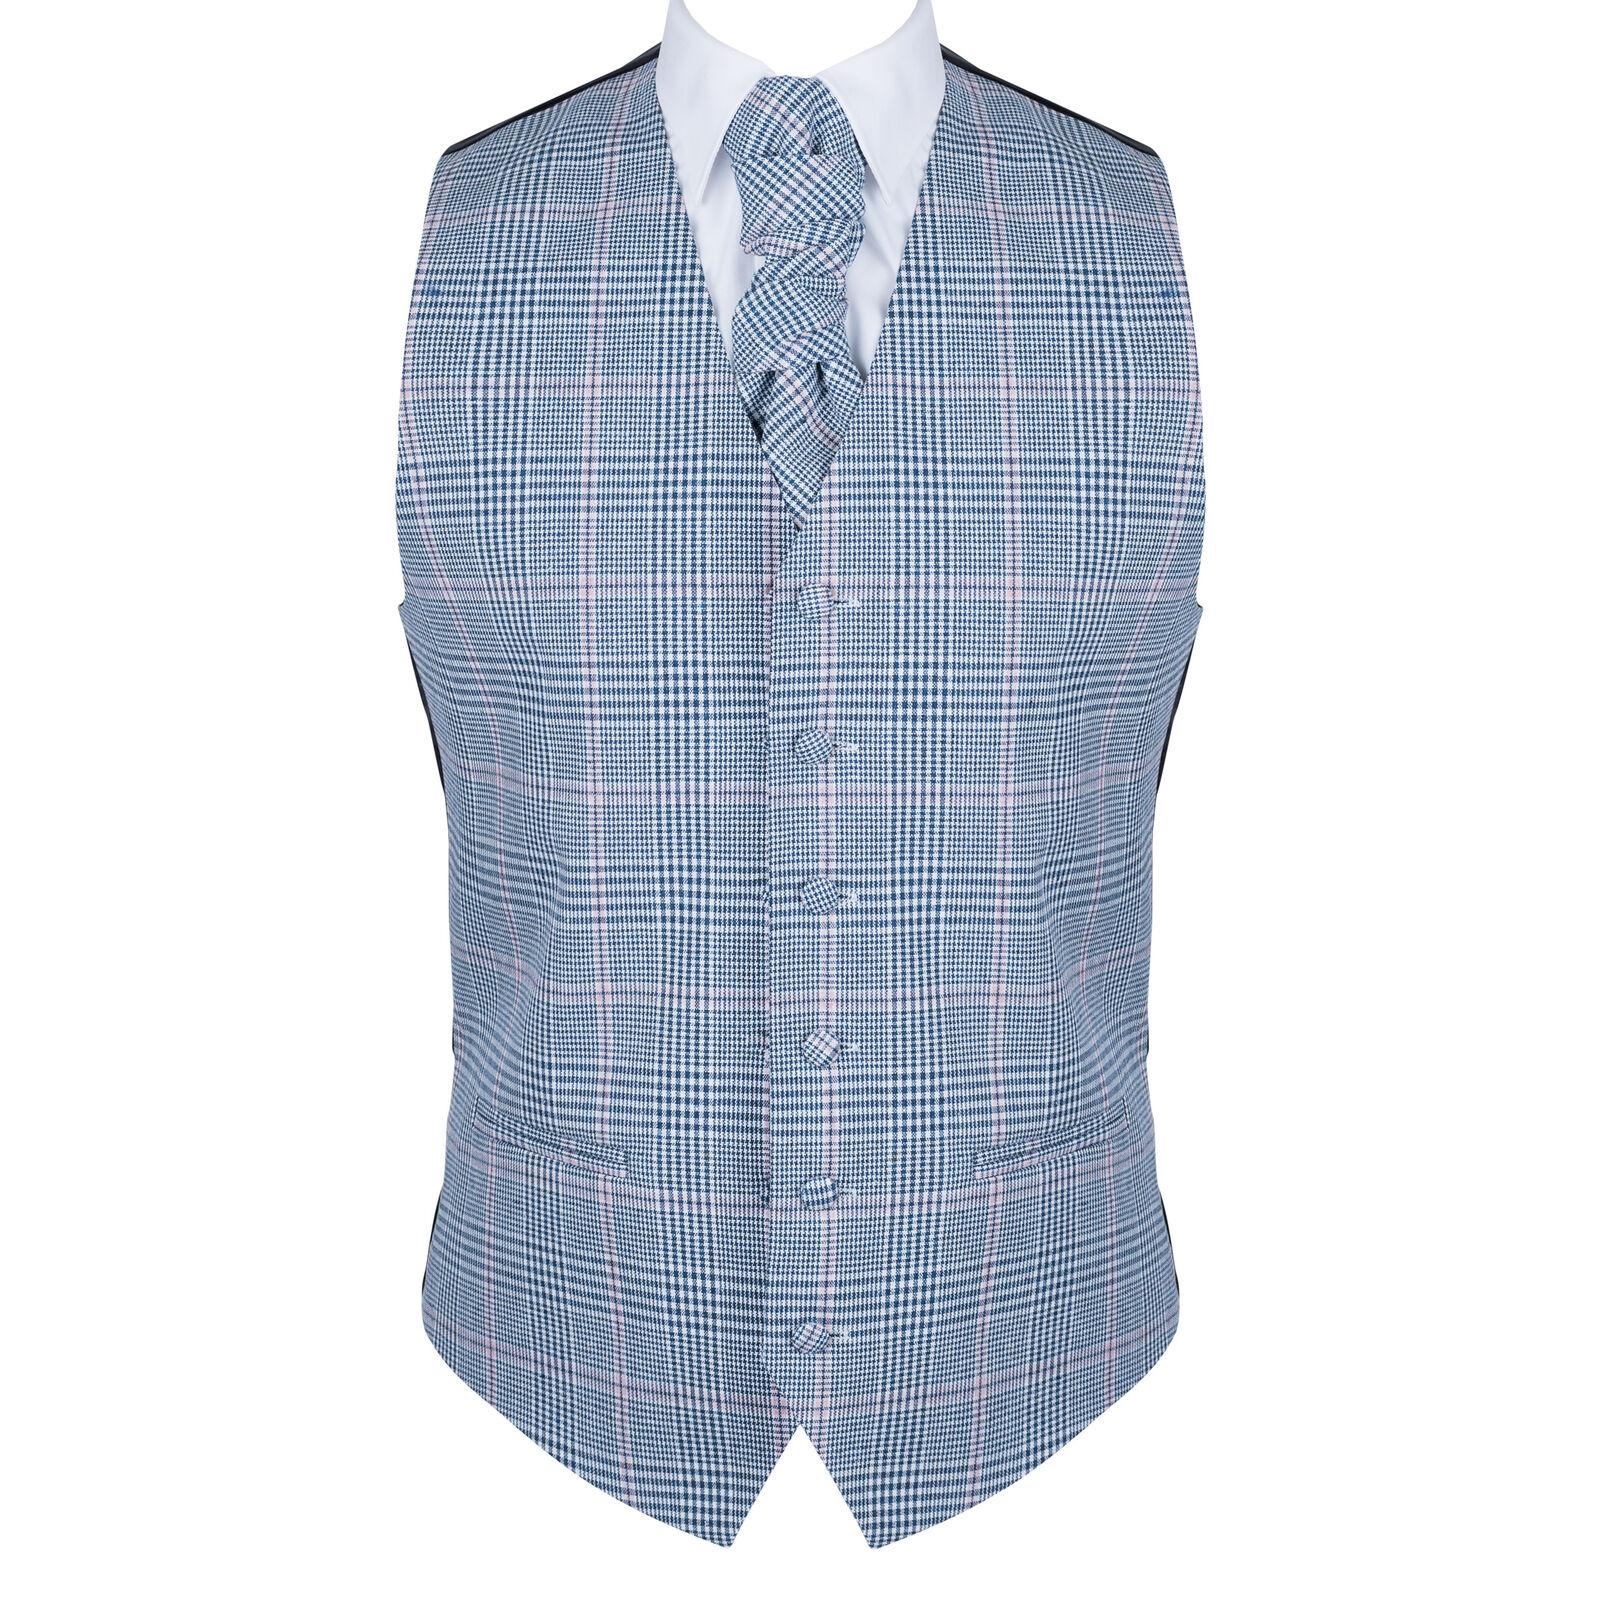 UK Men's Dutch Blue Wedding Waistcoat Check 6 Button Jacquard Suit Vest Tailored